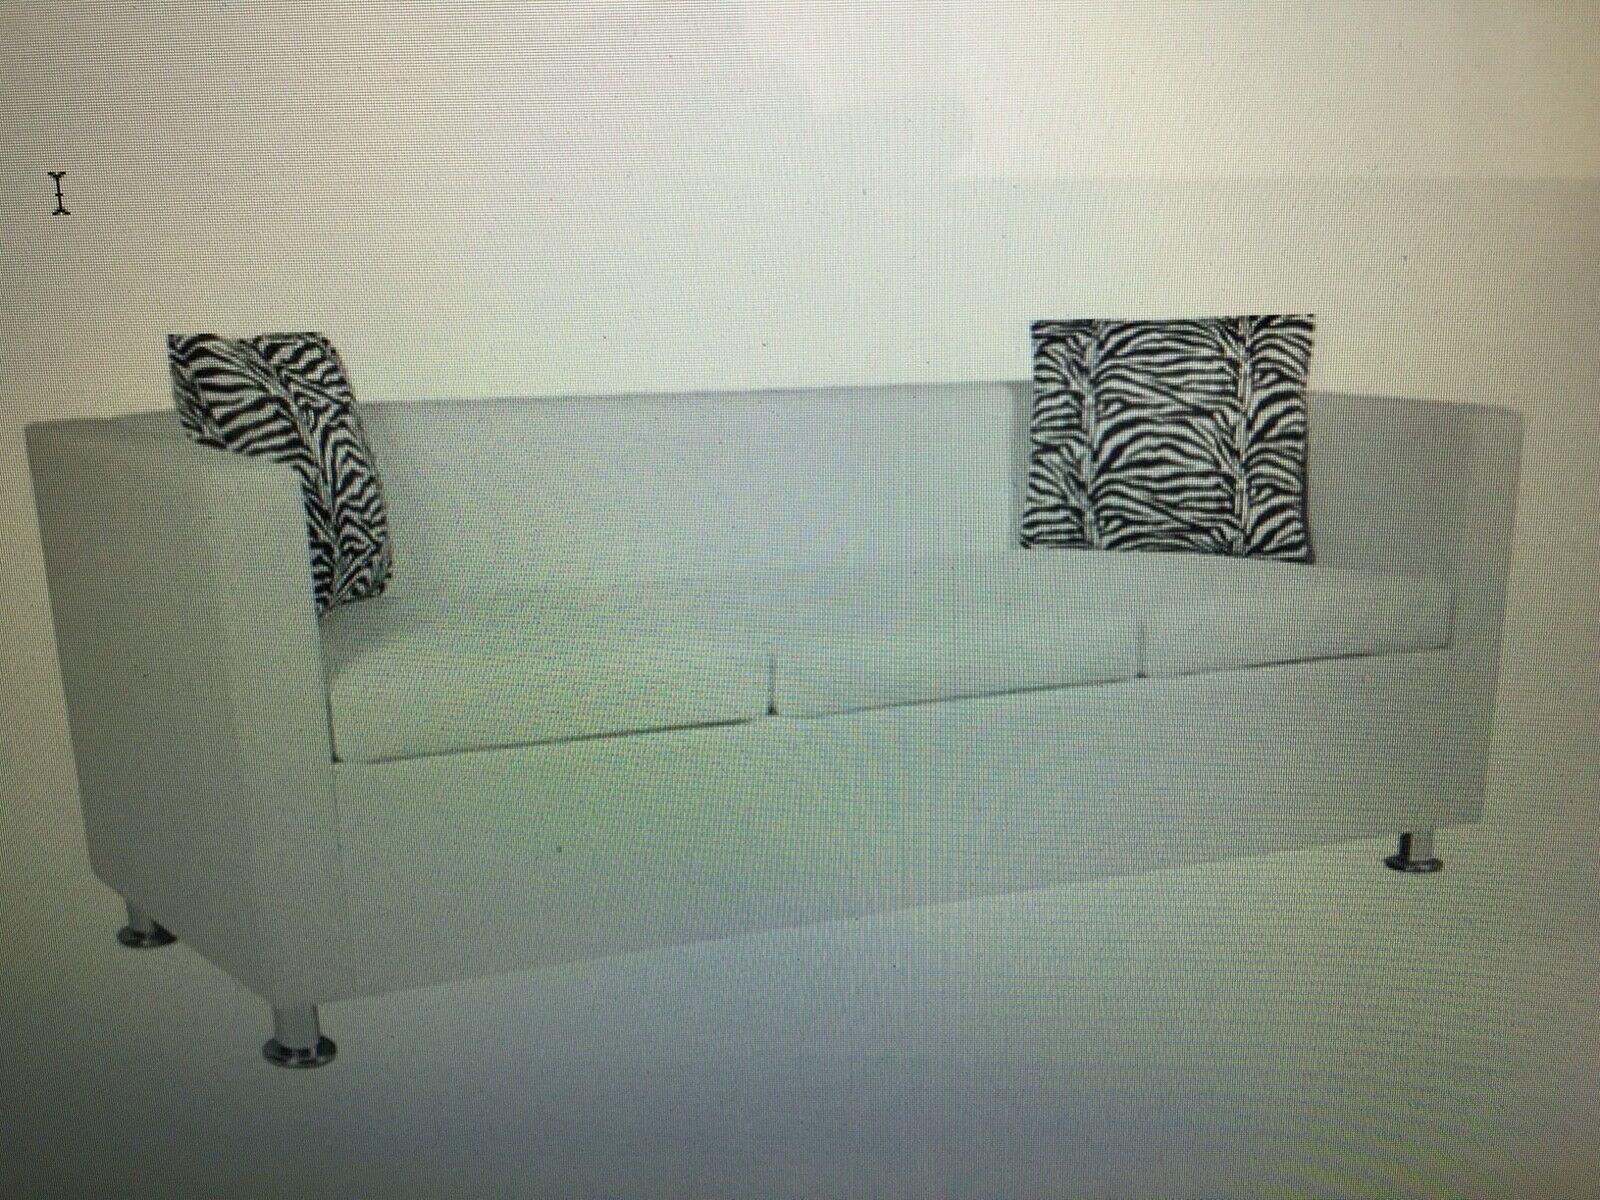 vidaXL Sofa 3-Sitzer Luxus Loungesofa Couch Sitzmöbel Schwarz/Weiß